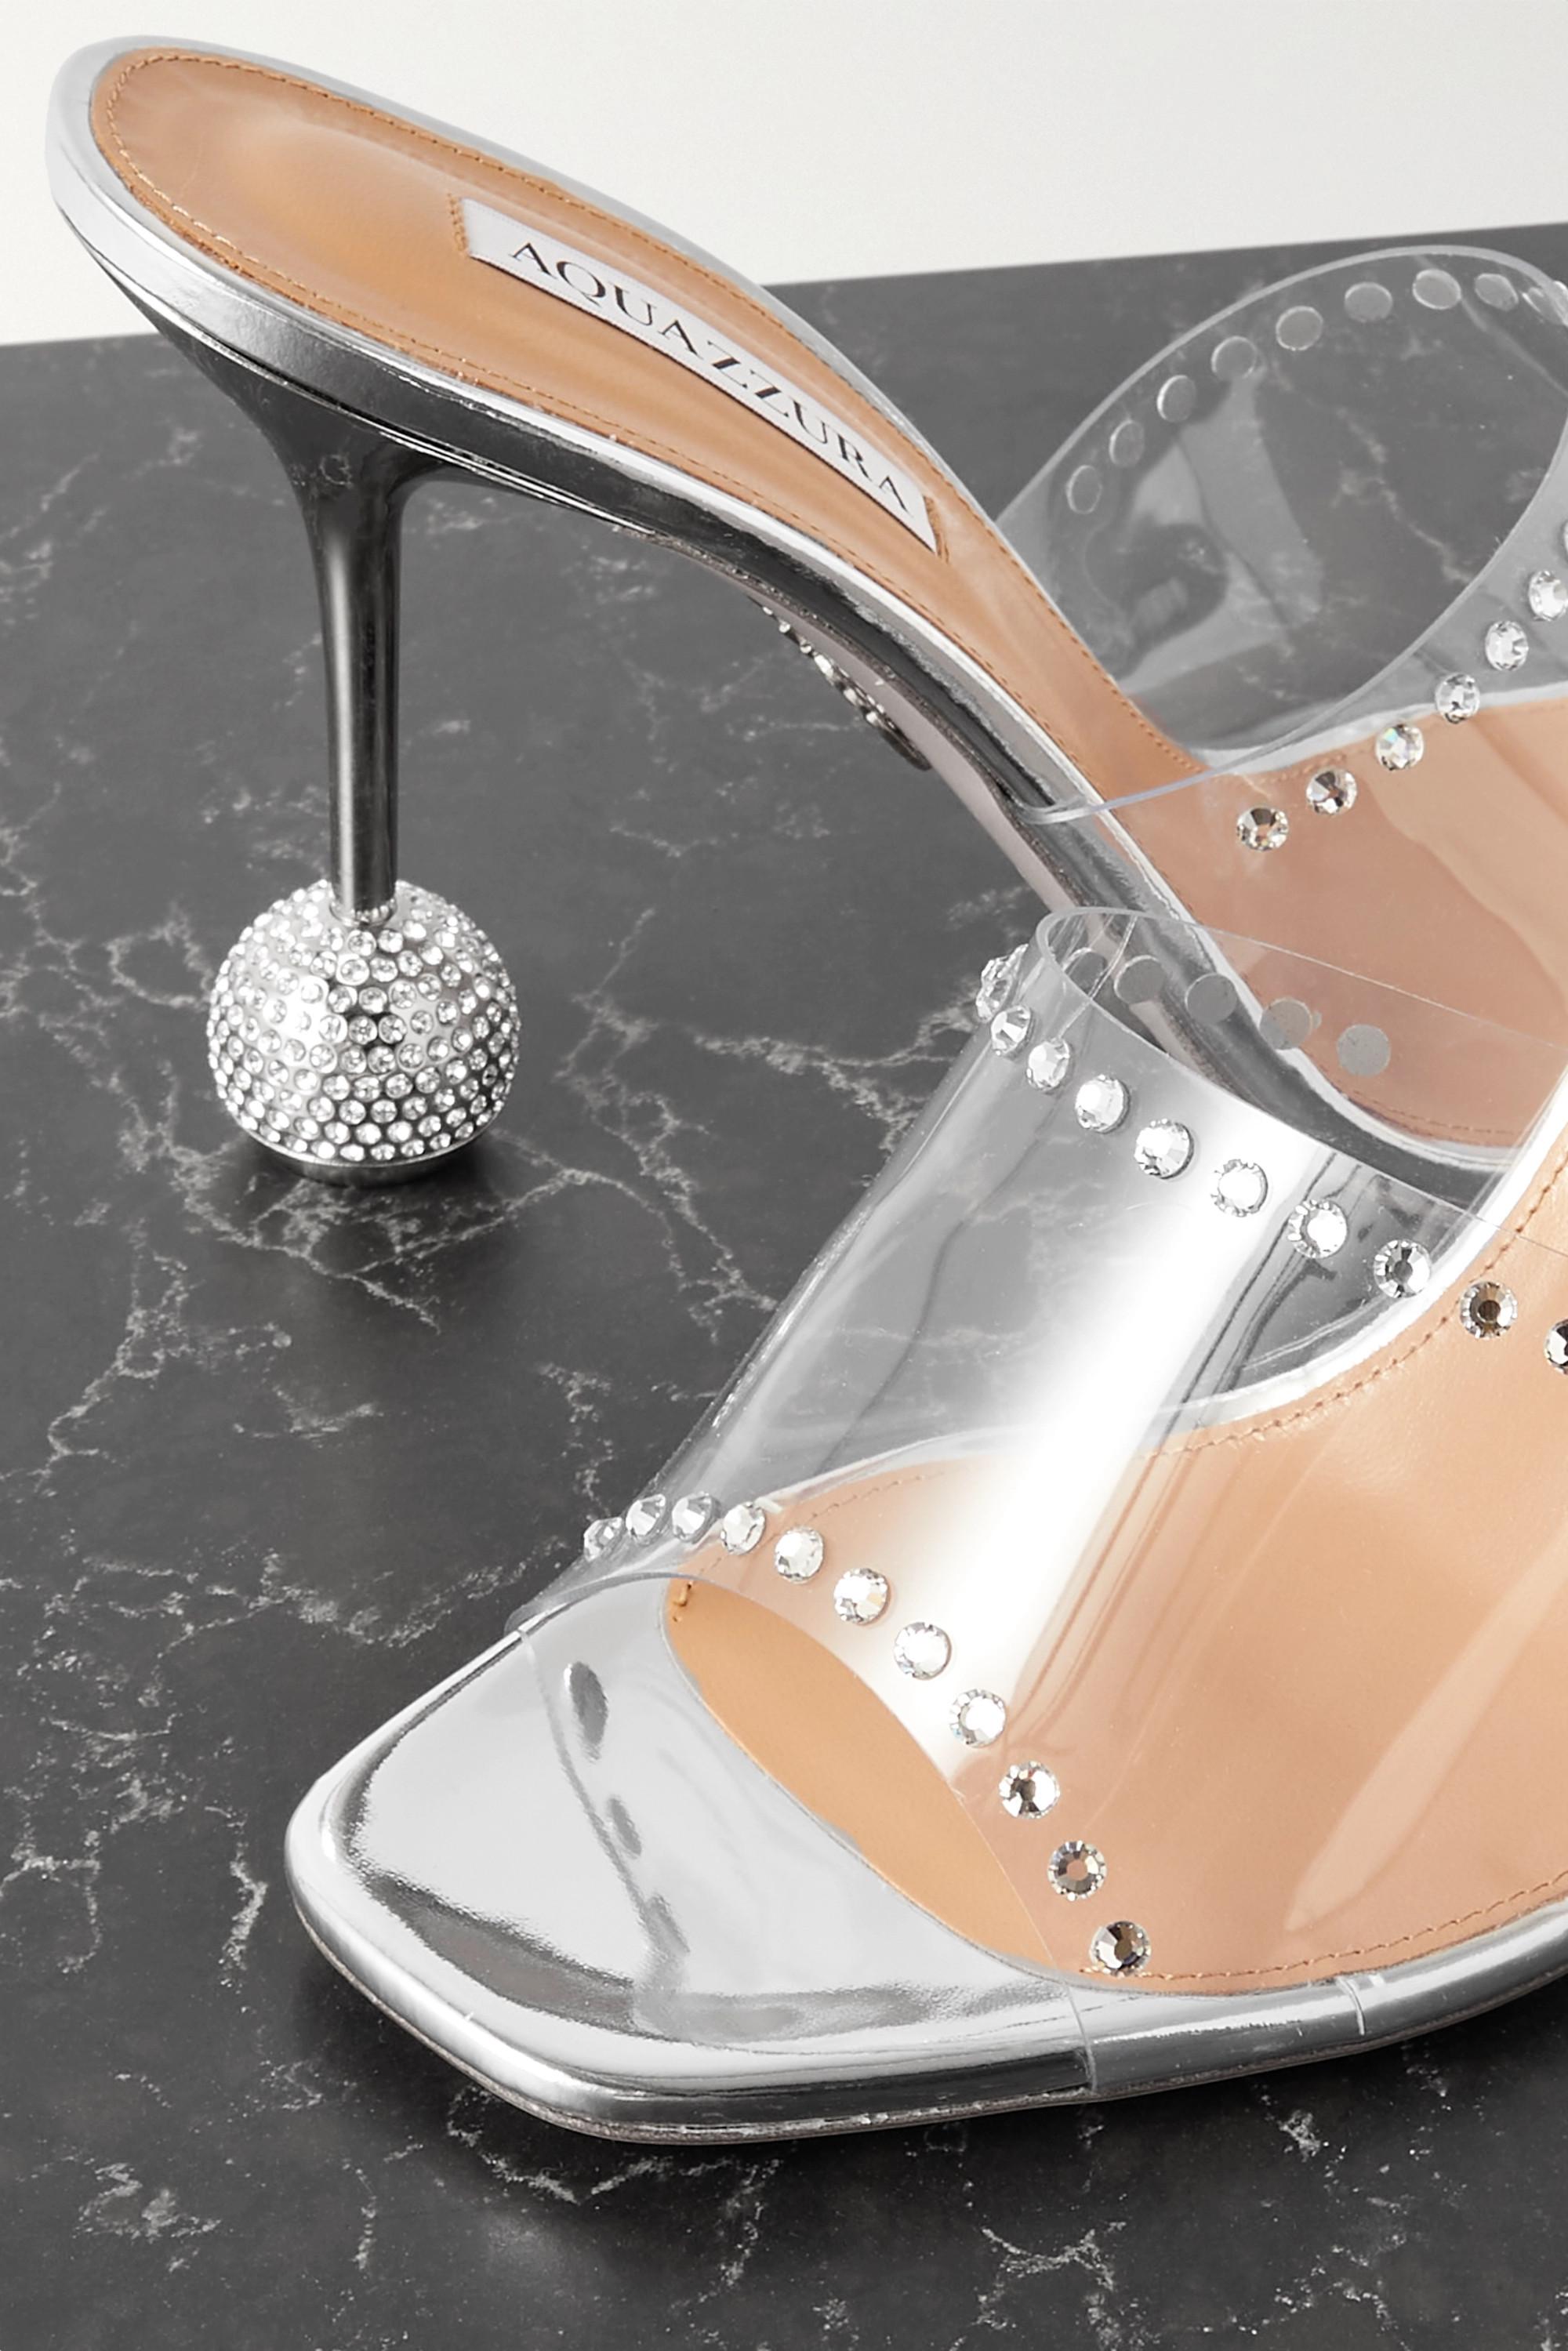 Aquazzura Secrets 95 crystal-embellished PVC mules